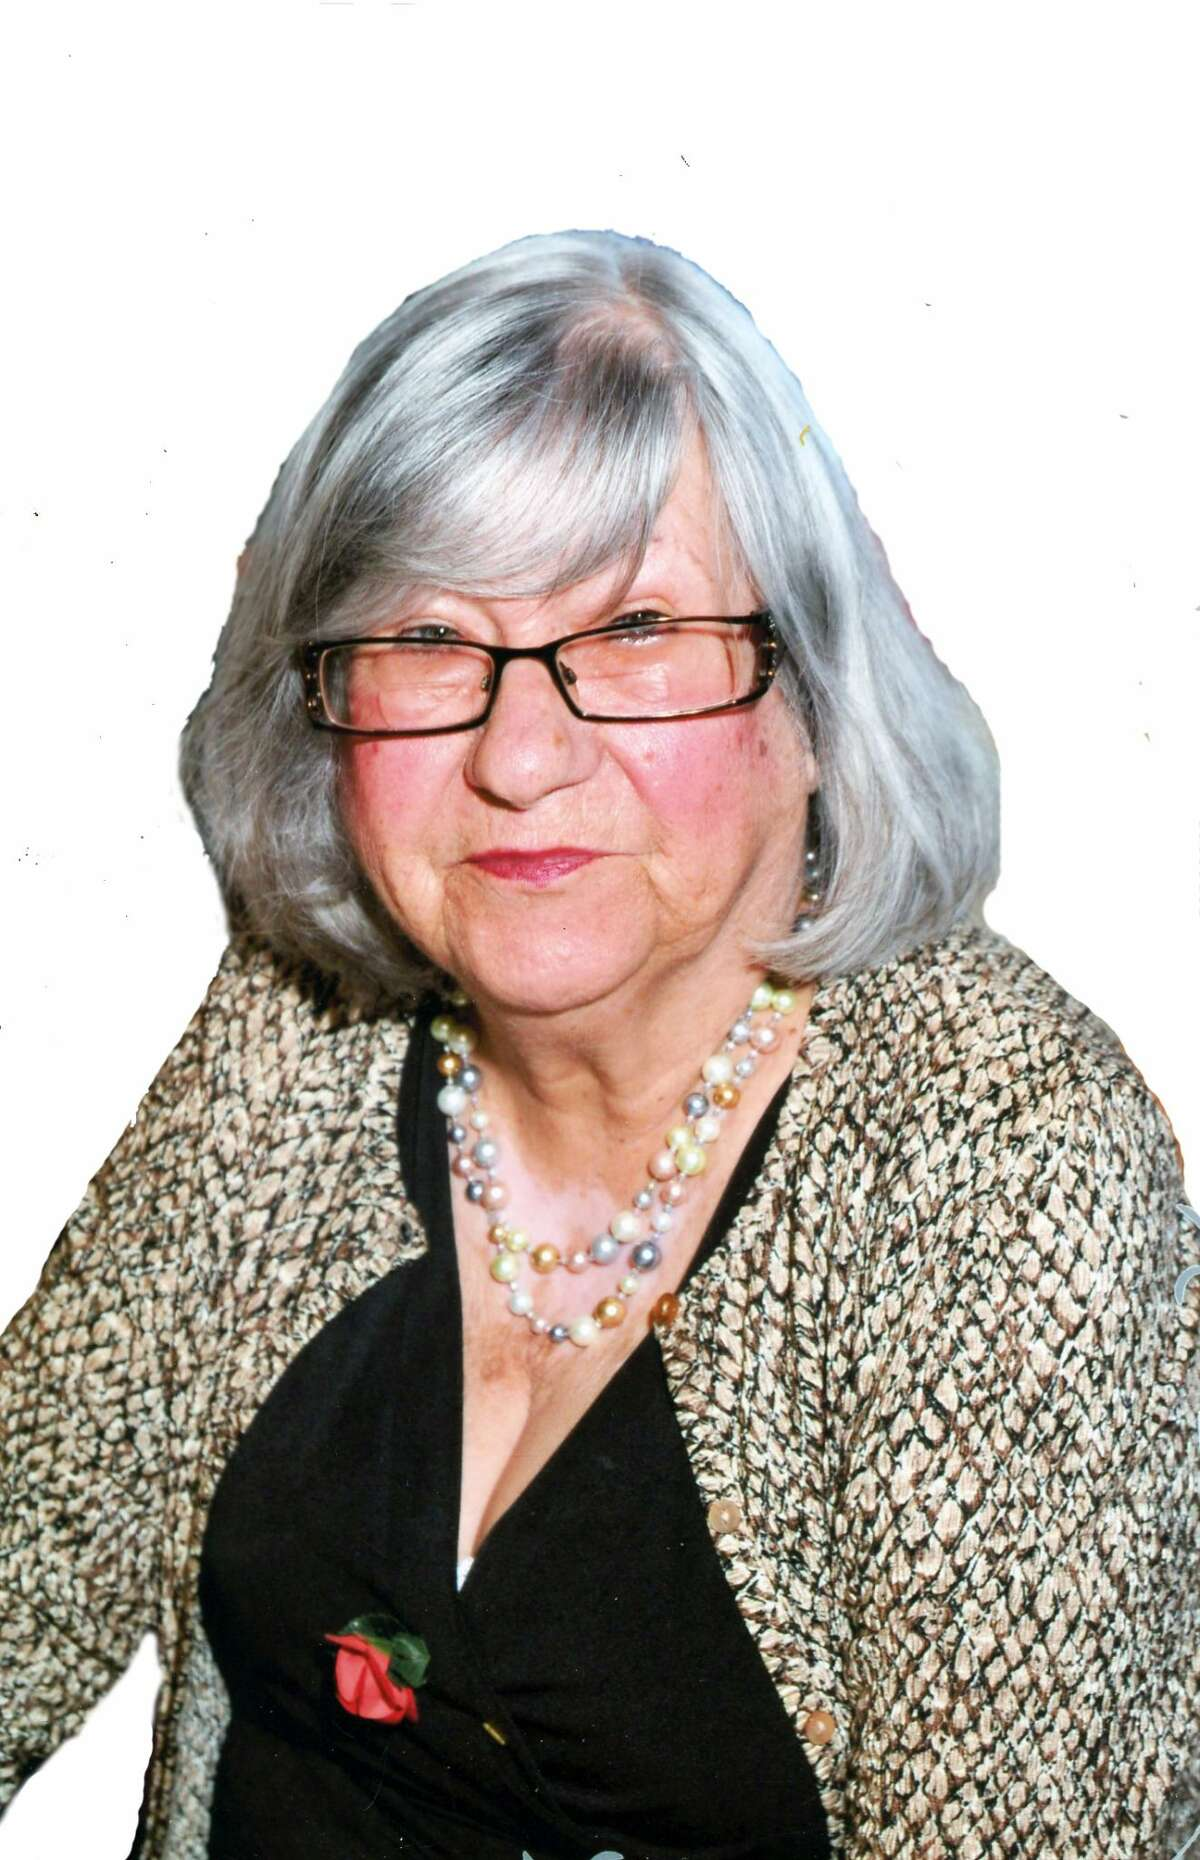 Omelia M. Guerra